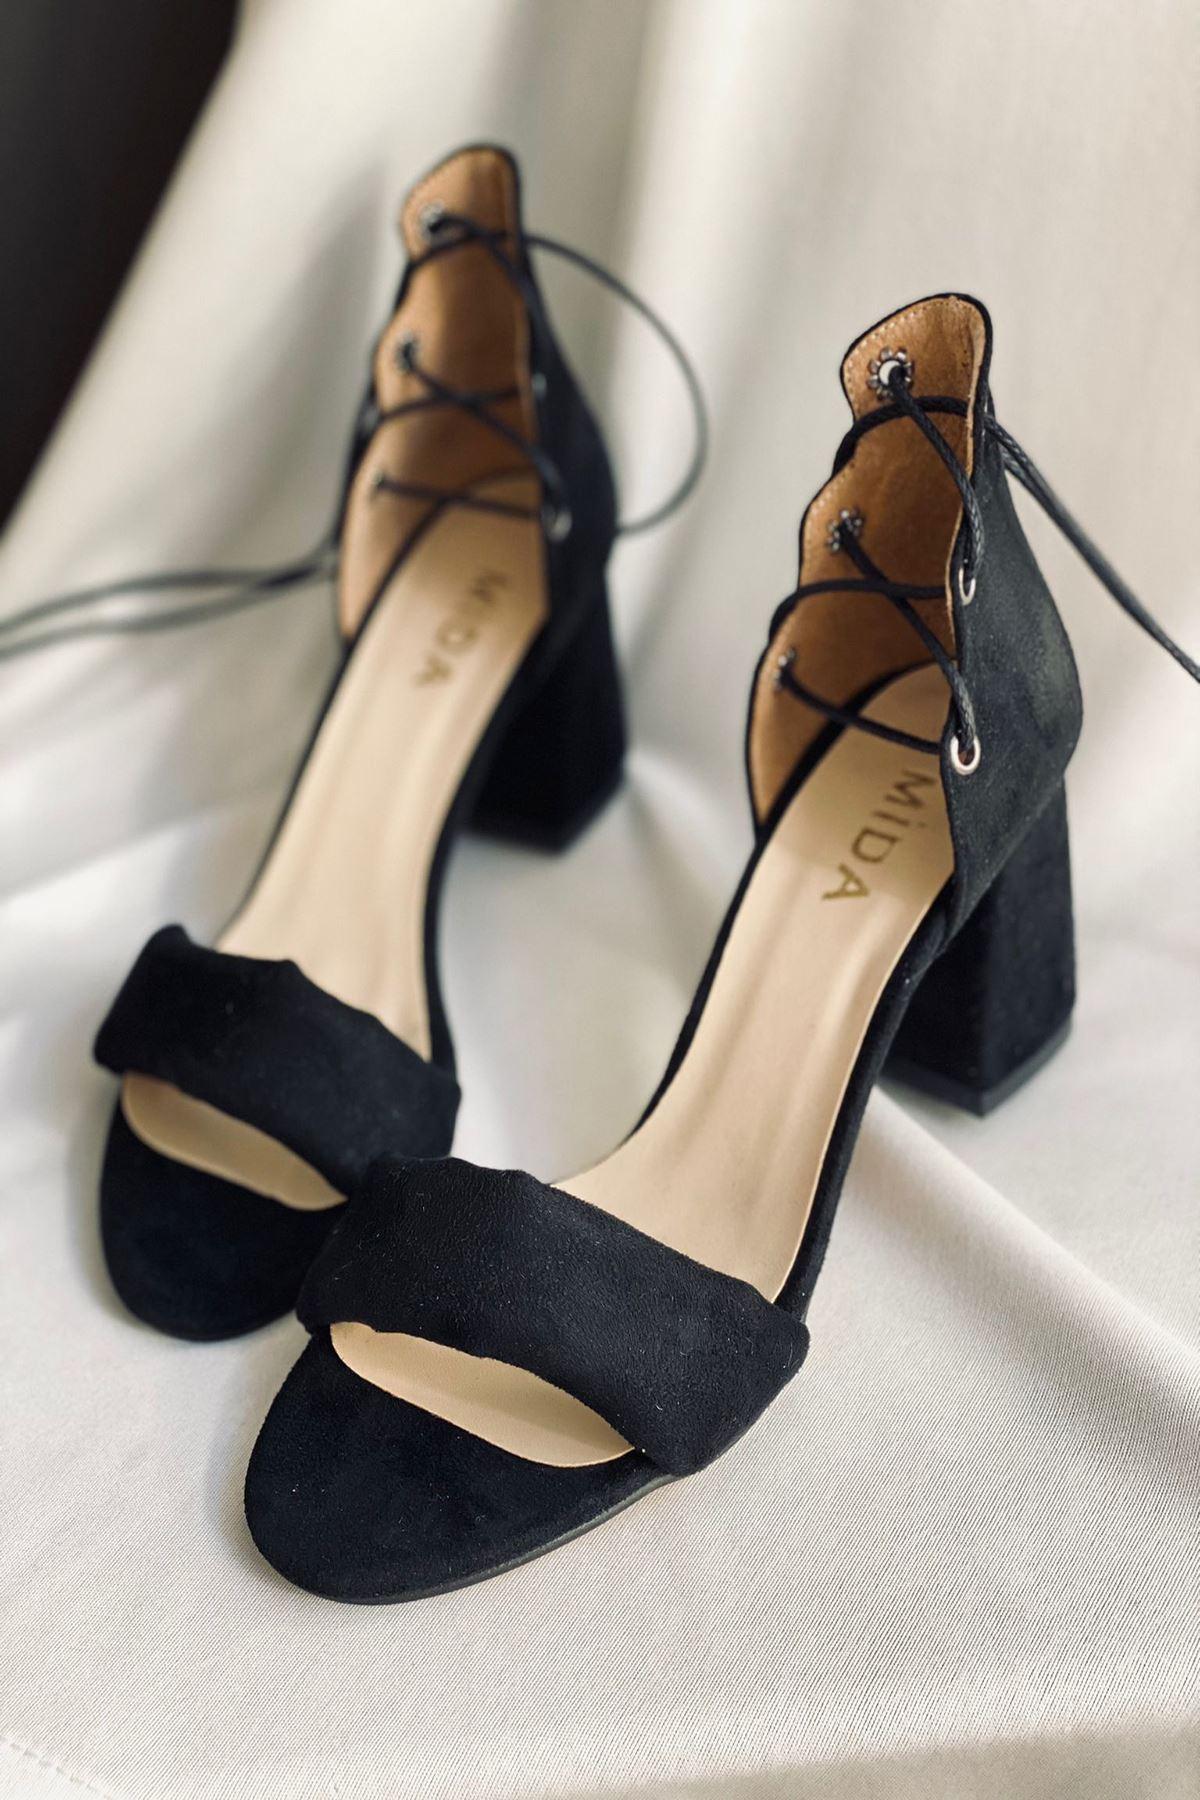 Y614 Siyah Süet Topuklu Ayakkabı